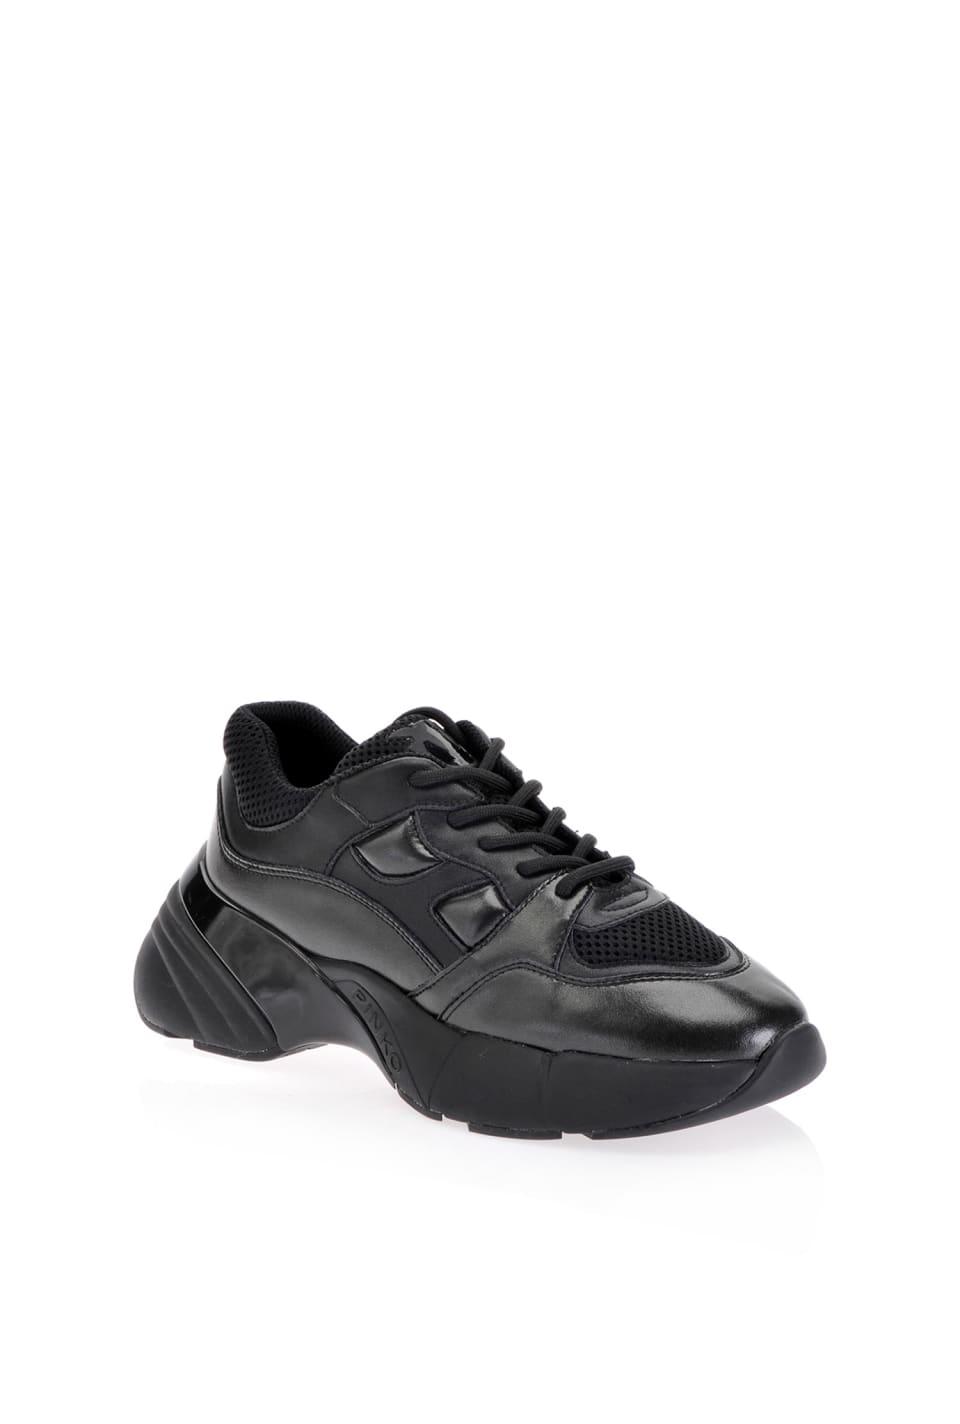 Zapatillas deportivas efecto perlado